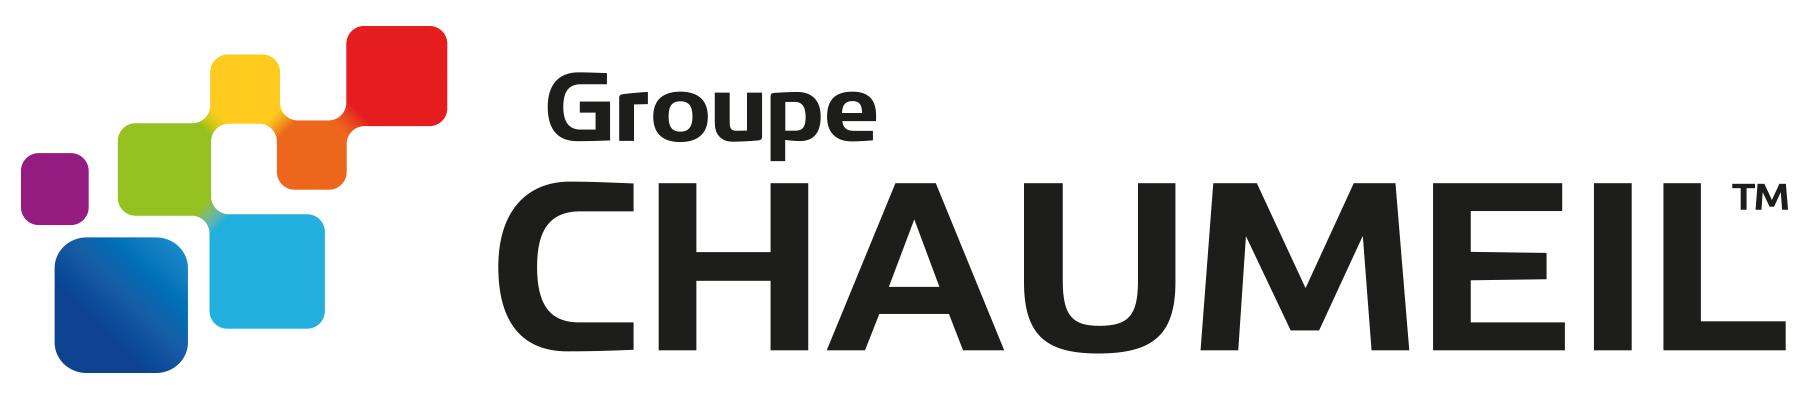 chaumeil-logo-2016-hori_5f7f1e5894eaf.jpg